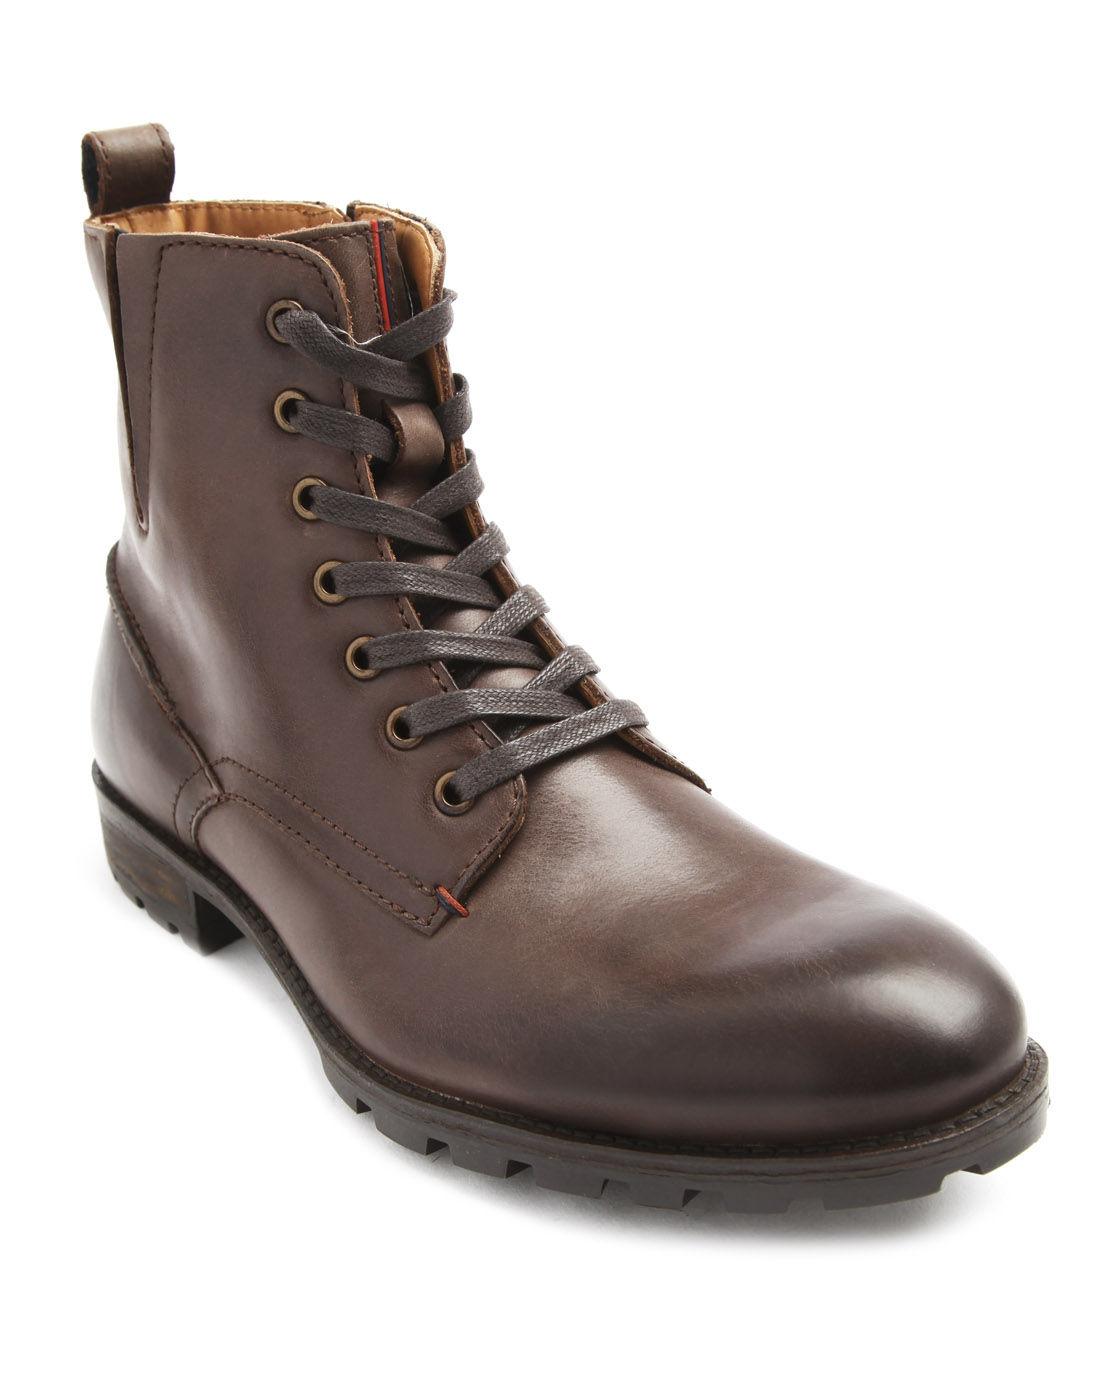 tommy hilfiger darren brown zipped boots in brown for men. Black Bedroom Furniture Sets. Home Design Ideas